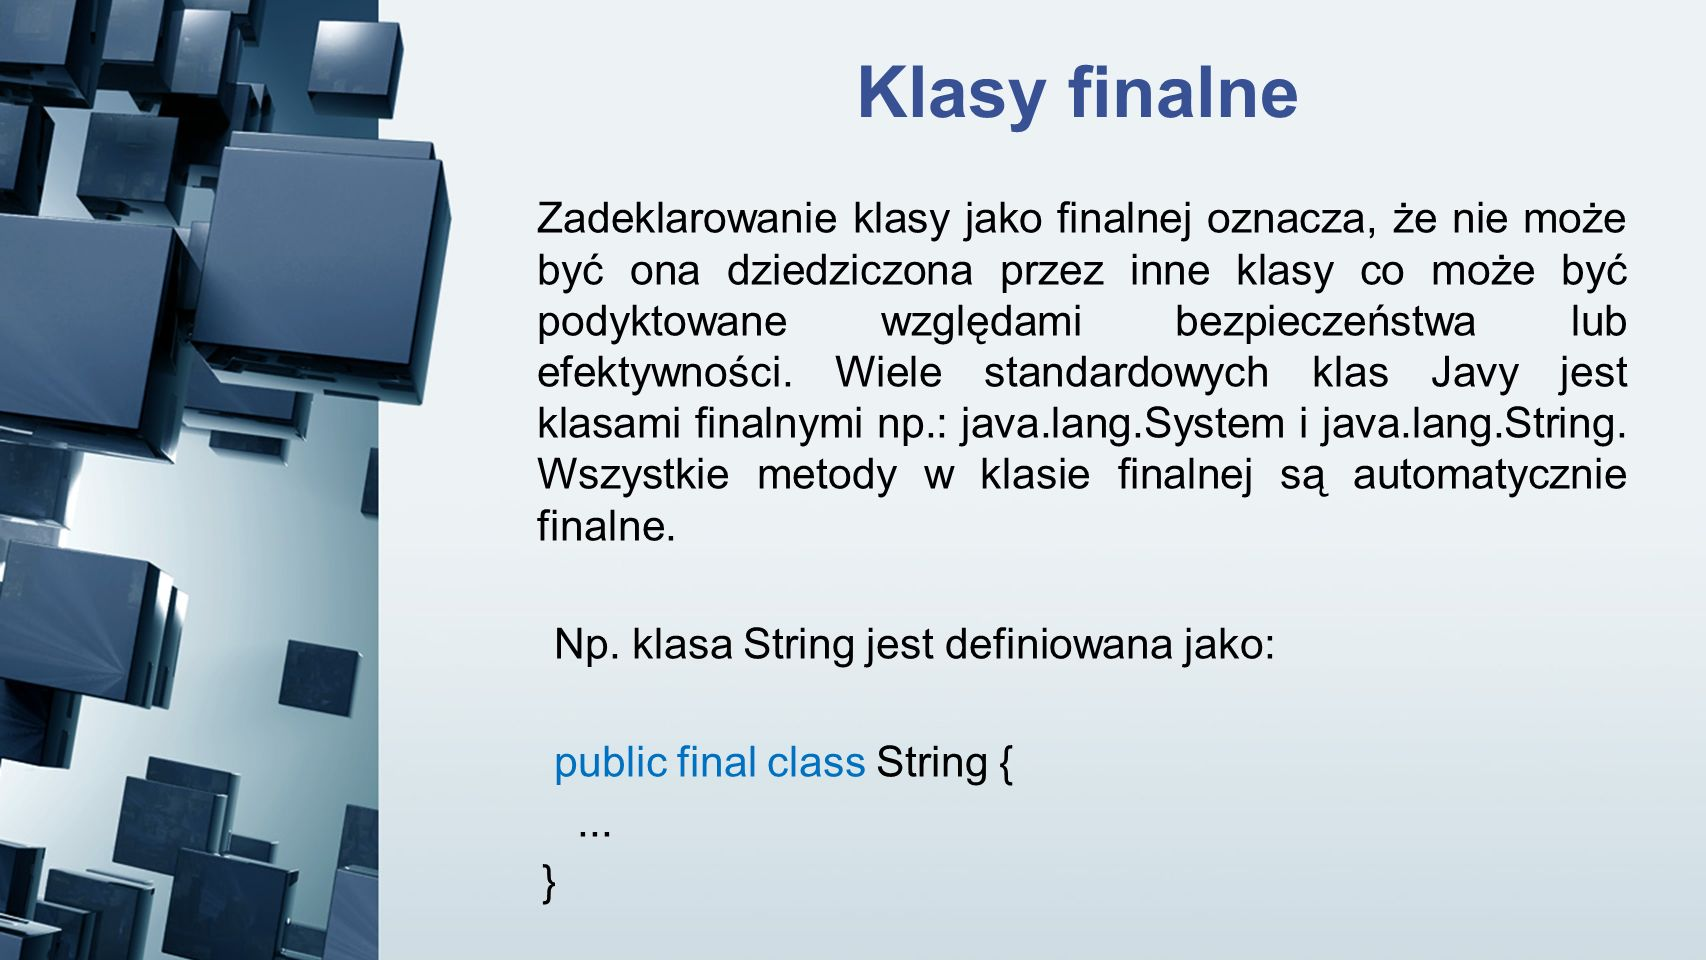 Klasy finalne